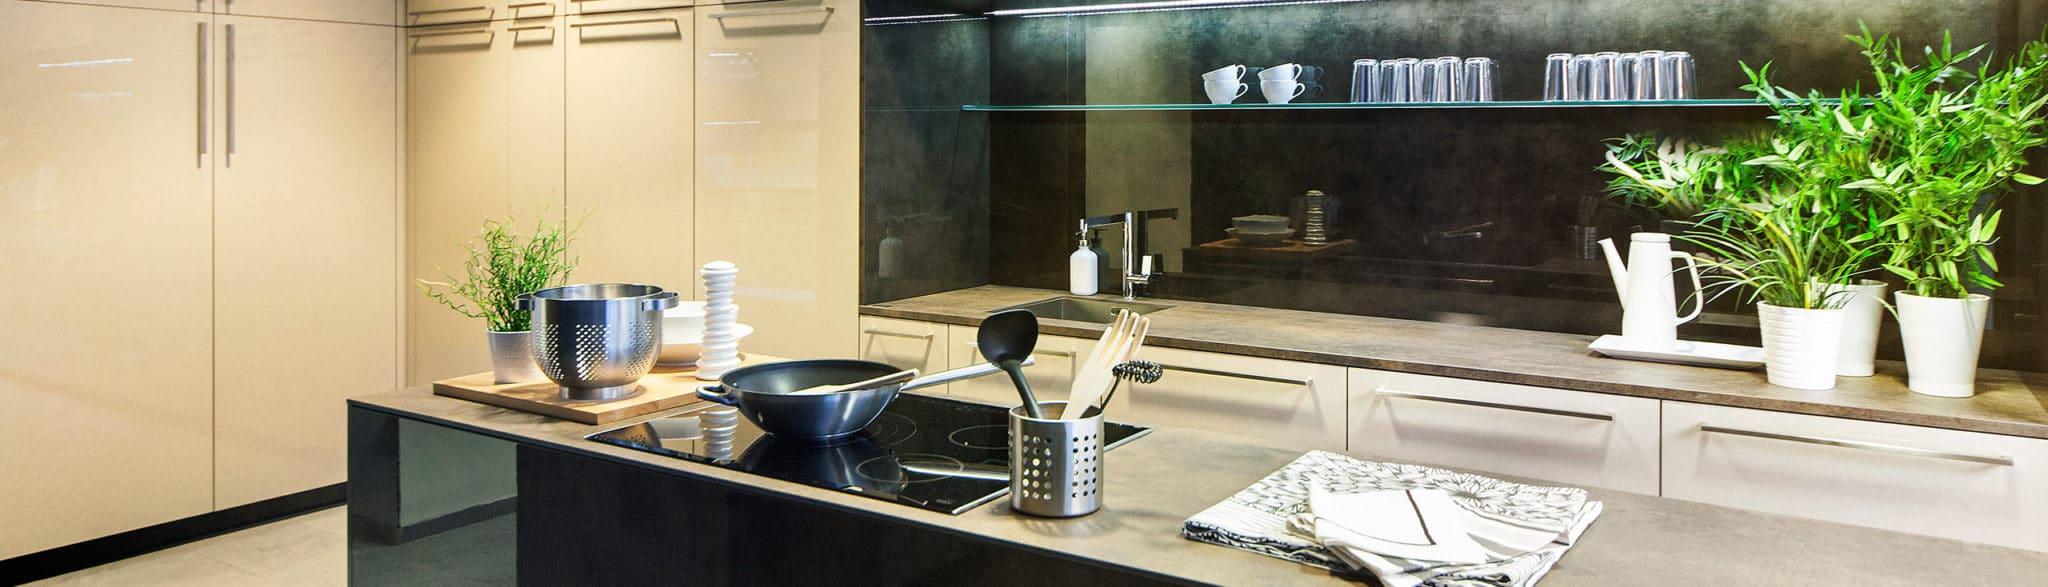 Cocina con isla - muebles de cocina en Madrid